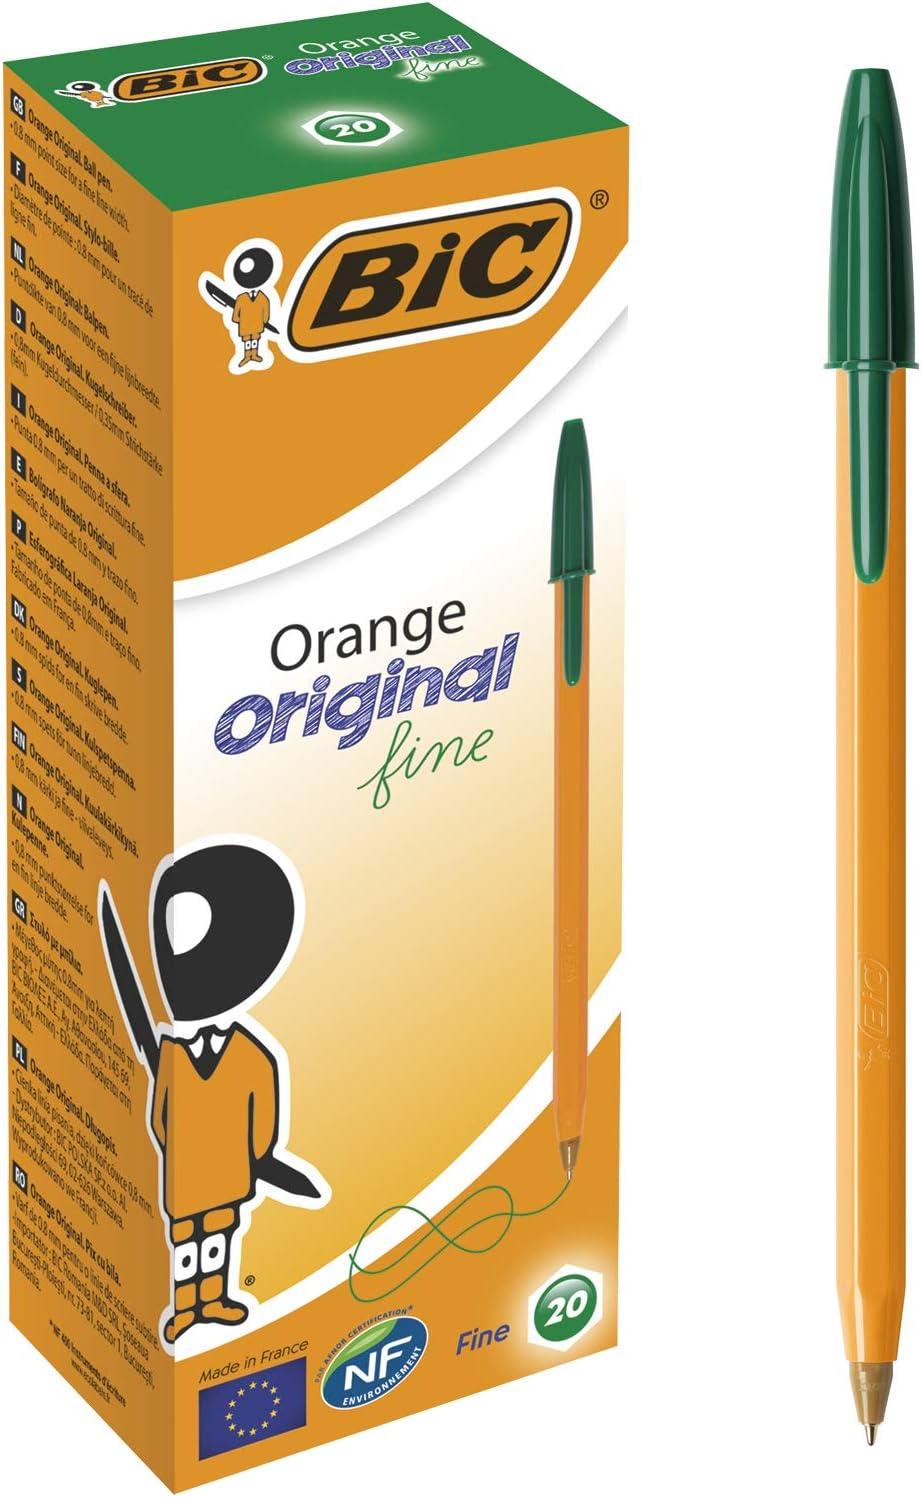 BIC Kugelschreiber Orange Original fine, 0.3 mm Schachtel /à 20 St/ück gr/ün